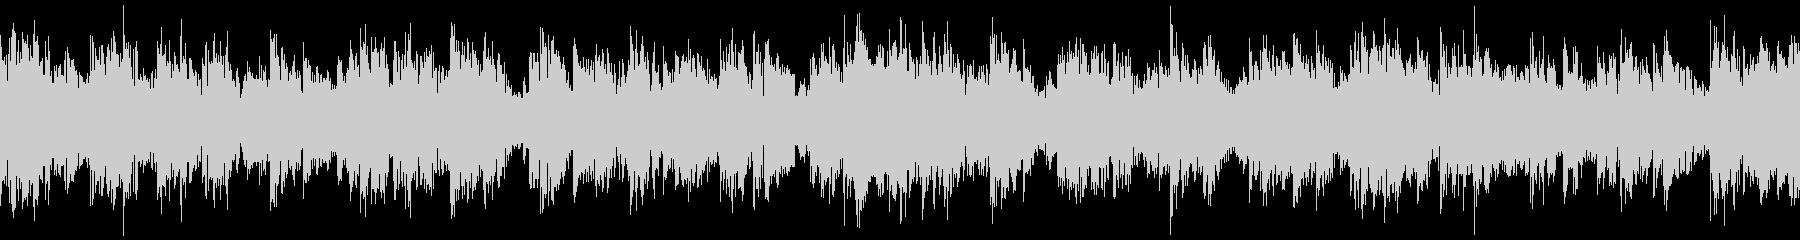 ピンチ・緊張した場面のBGM その10の未再生の波形